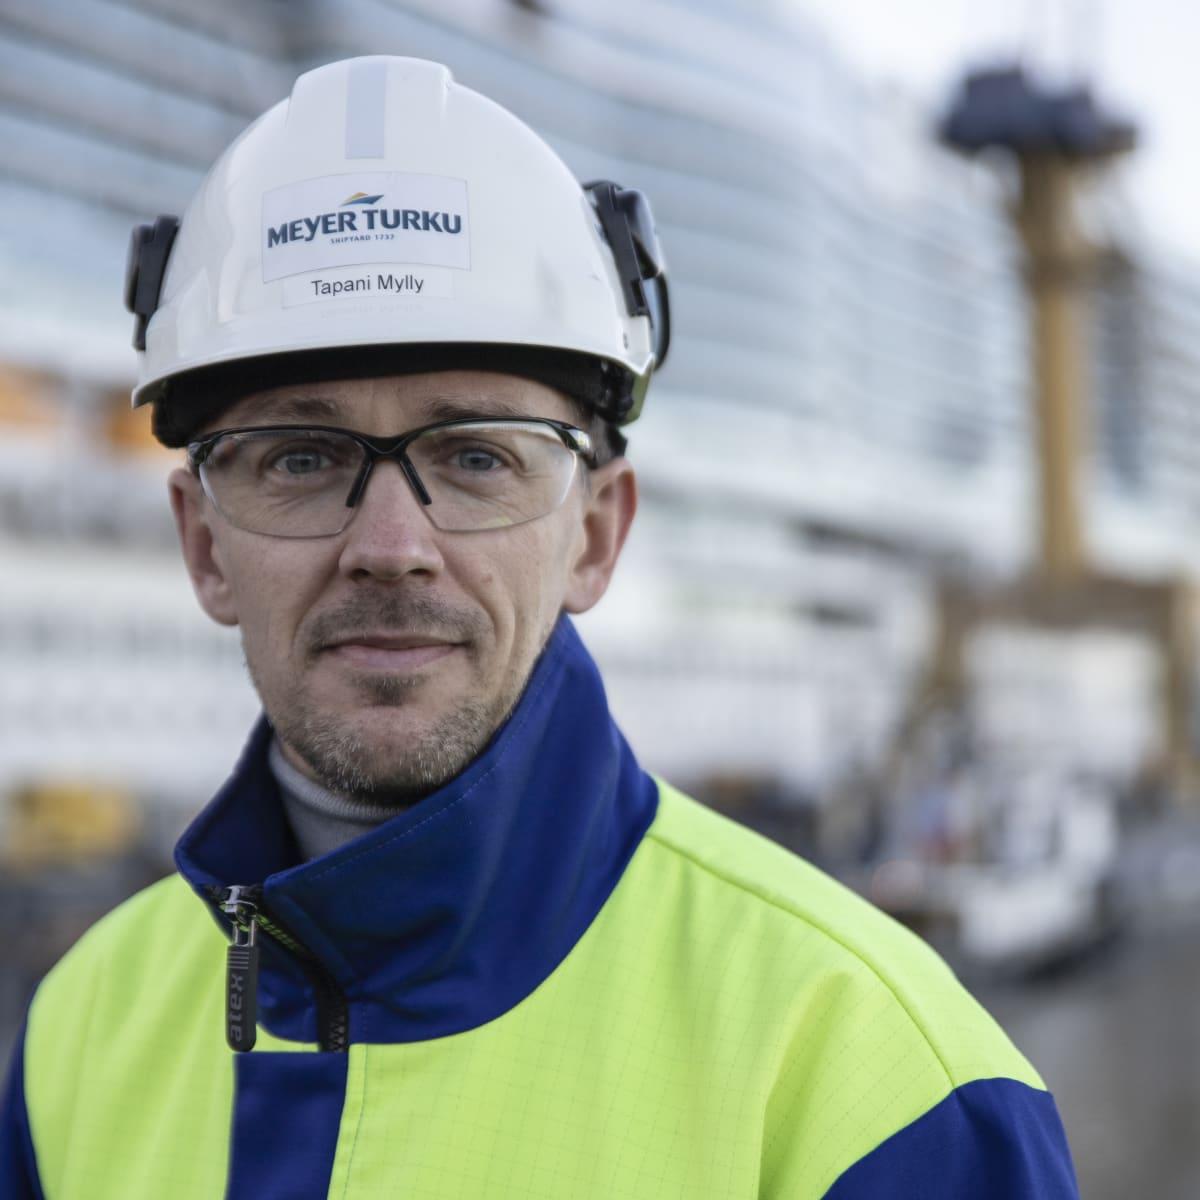 Meyer Turun viestintäpäällikkö Tapani Mylly